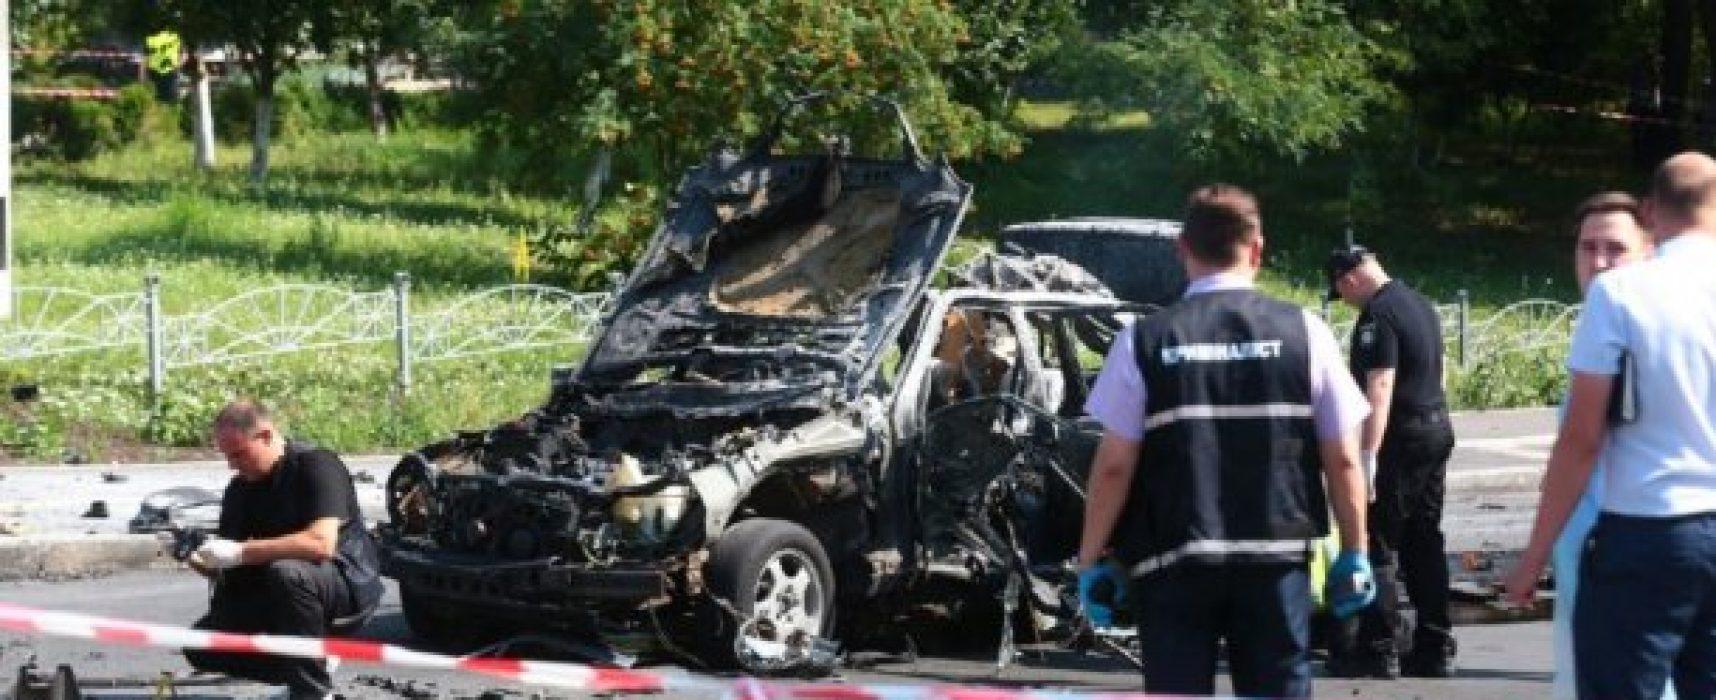 Le meurtre d'un colonel du Service de Renseignement à Kyiv: ce que l'on sait